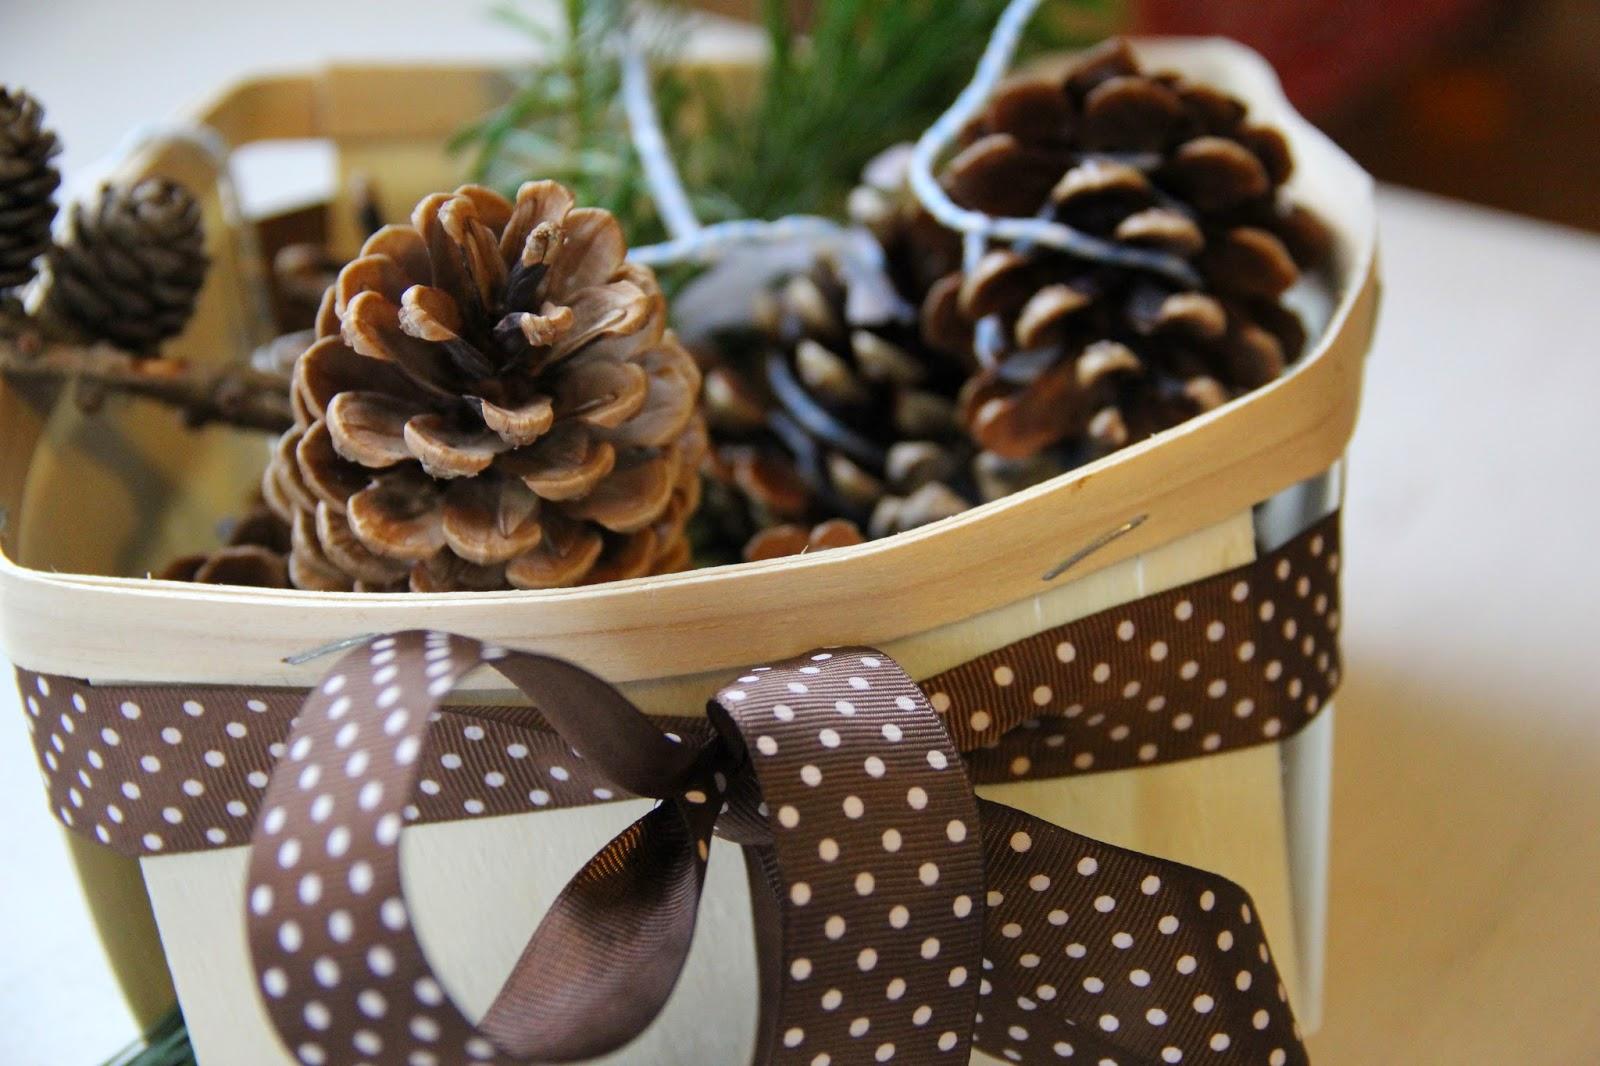 familienjahr selbstgemachte weihnachtsgeschenke. Black Bedroom Furniture Sets. Home Design Ideas